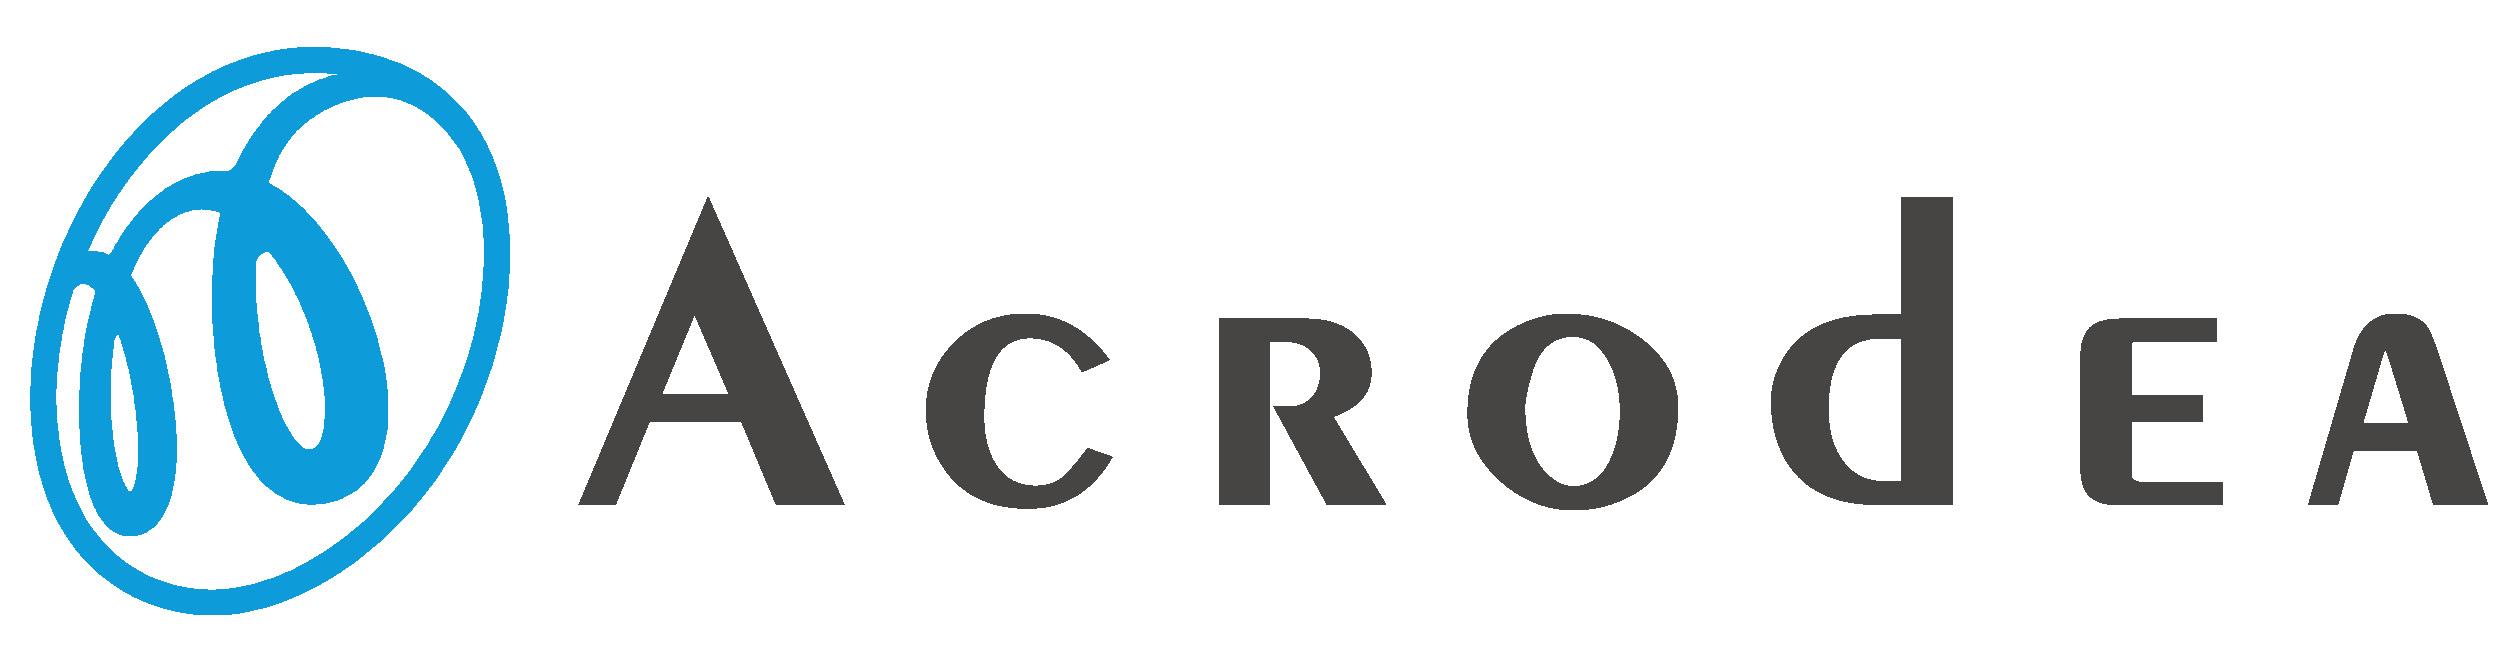 株式会社アクロディアロゴ